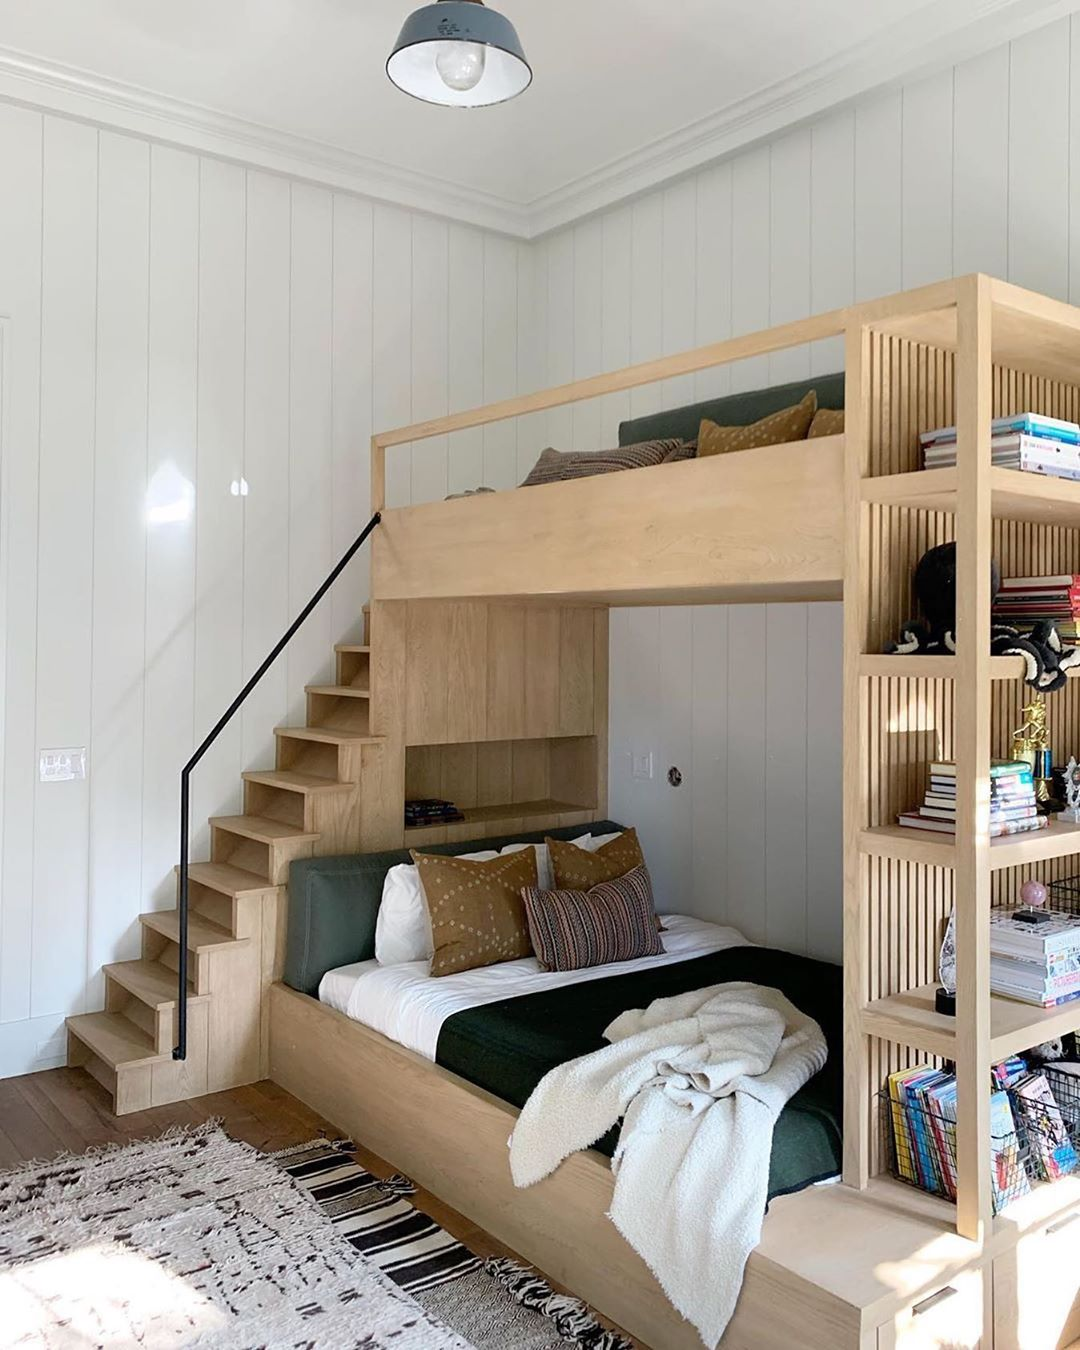 интерьер спальни для подростков фото 15